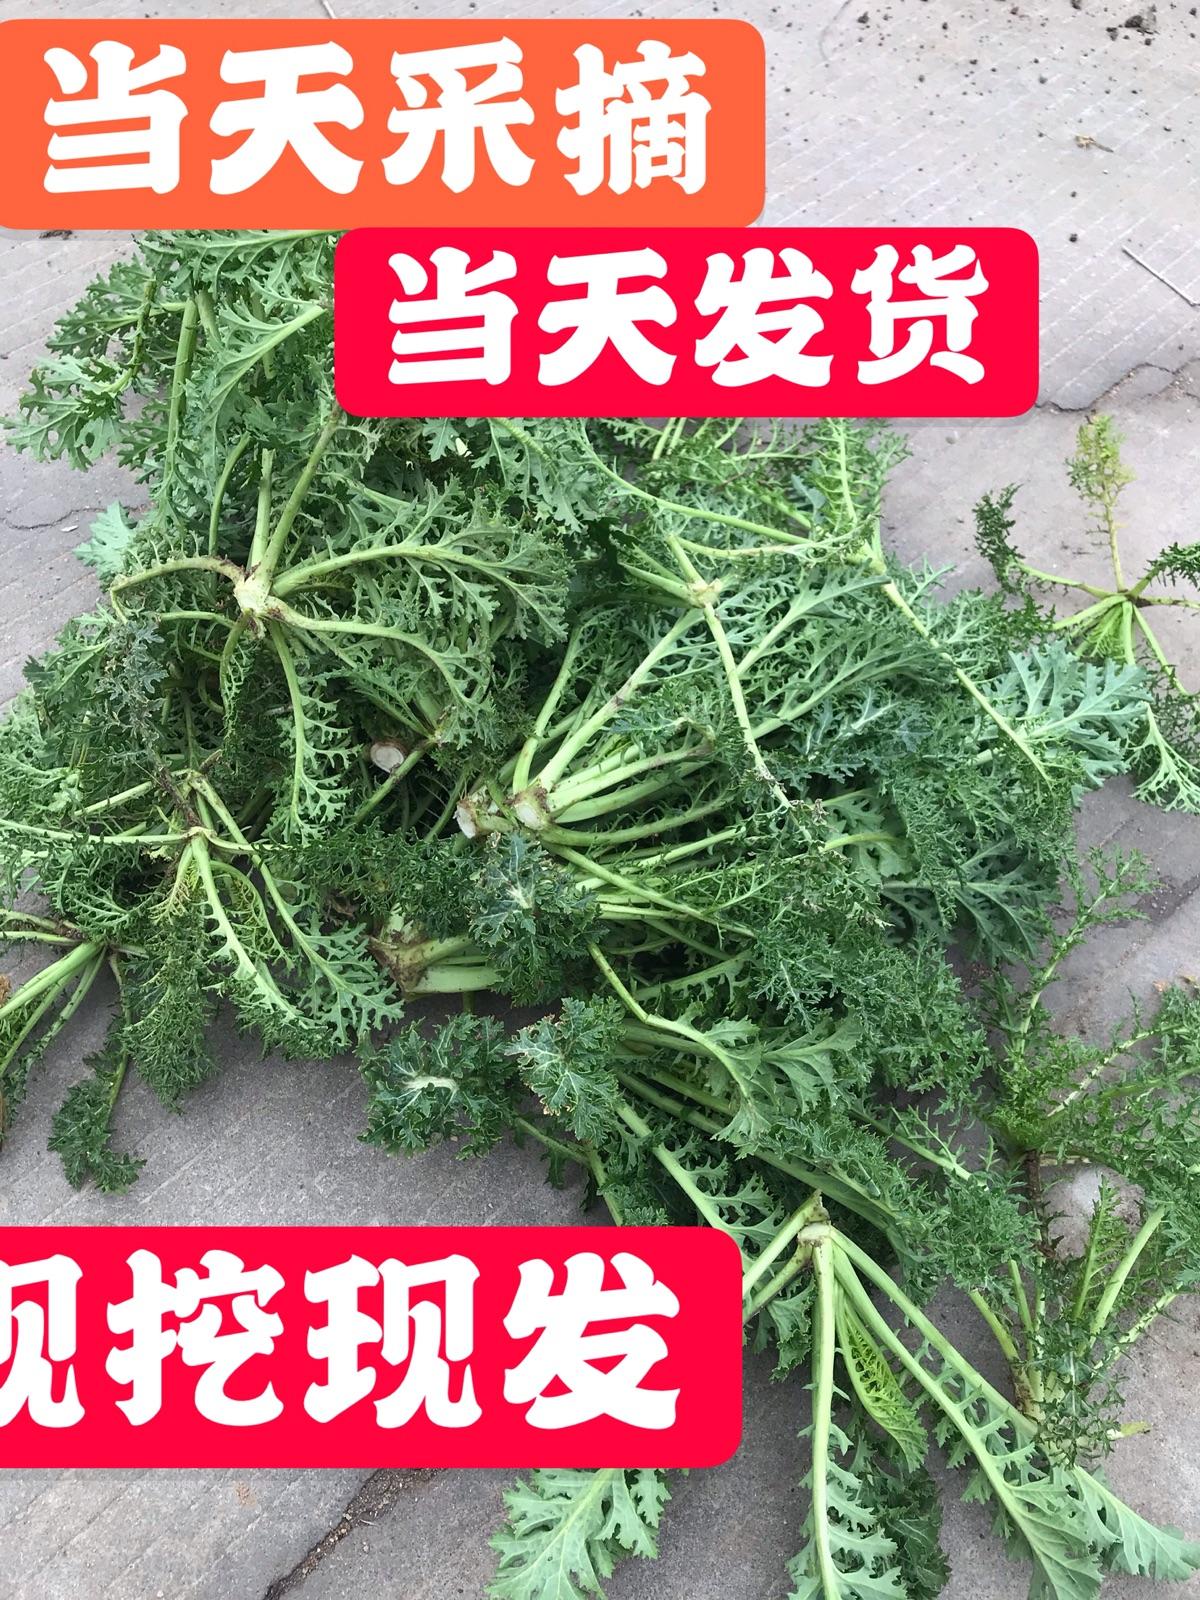 雪里红雪菜新鲜雪里蕻菜小青菜叶菜类蔬菜春不老腌制咸菜酸菜三斤